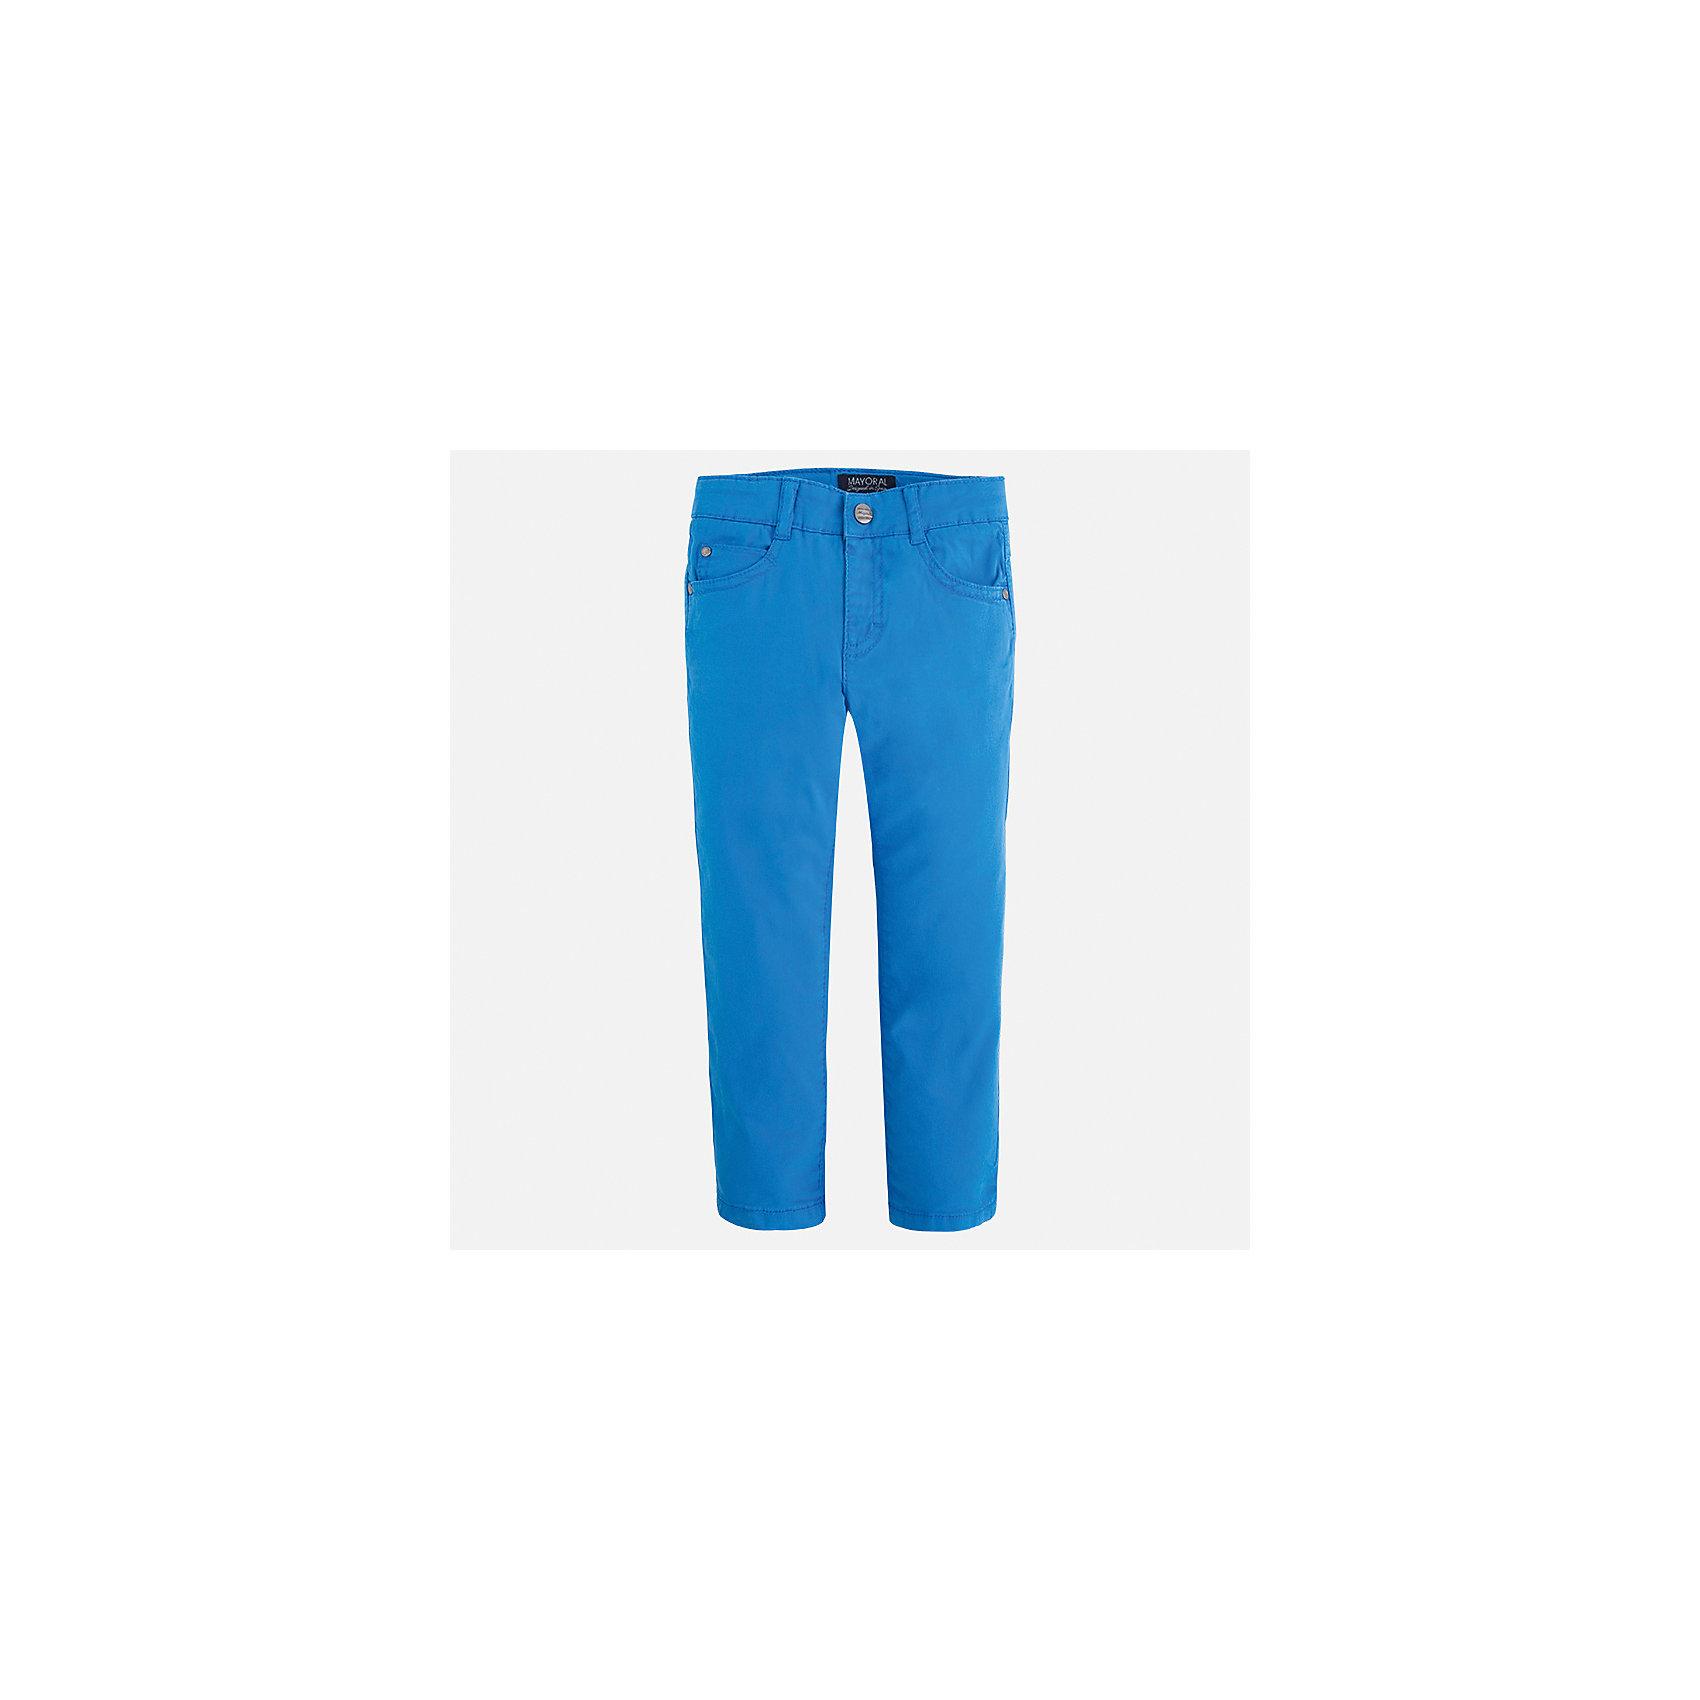 Брюки для мальчика MayoralБрюки<br>Характеристики товара:<br><br>• цвет: голубой<br>• состав: 98% хлопок, 2% эластан<br>• застежка: кнопка<br>• шлевки<br>• карманы<br>• пояс с регулировкой размера<br>• классический силуэт<br>• страна бренда: Испания<br><br>Модные брюки для мальчика смогут стать базовой вещью в гардеробе ребенка. Они отлично сочетаются с майками, футболками, рубашками и т.д. Универсальный крой и цвет позволяет подобрать к вещи верх разных расцветок. Практичное и стильное изделие! В составе материала - натуральный хлопок, гипоаллергенный, приятный на ощупь, дышащий.<br><br>Одежда, обувь и аксессуары от испанского бренда Mayoral полюбились детям и взрослым по всему миру. Модели этой марки - стильные и удобные. Для их производства используются только безопасные, качественные материалы и фурнитура. Порадуйте ребенка модными и красивыми вещами от Mayoral! <br><br>Брюки для мальчика от испанского бренда Mayoral (Майорал) можно купить в нашем интернет-магазине.<br><br>Ширина мм: 215<br>Глубина мм: 88<br>Высота мм: 191<br>Вес г: 336<br>Цвет: голубой<br>Возраст от месяцев: 18<br>Возраст до месяцев: 24<br>Пол: Мужской<br>Возраст: Детский<br>Размер: 92,110,98,104,134,128,122,116<br>SKU: 5278026